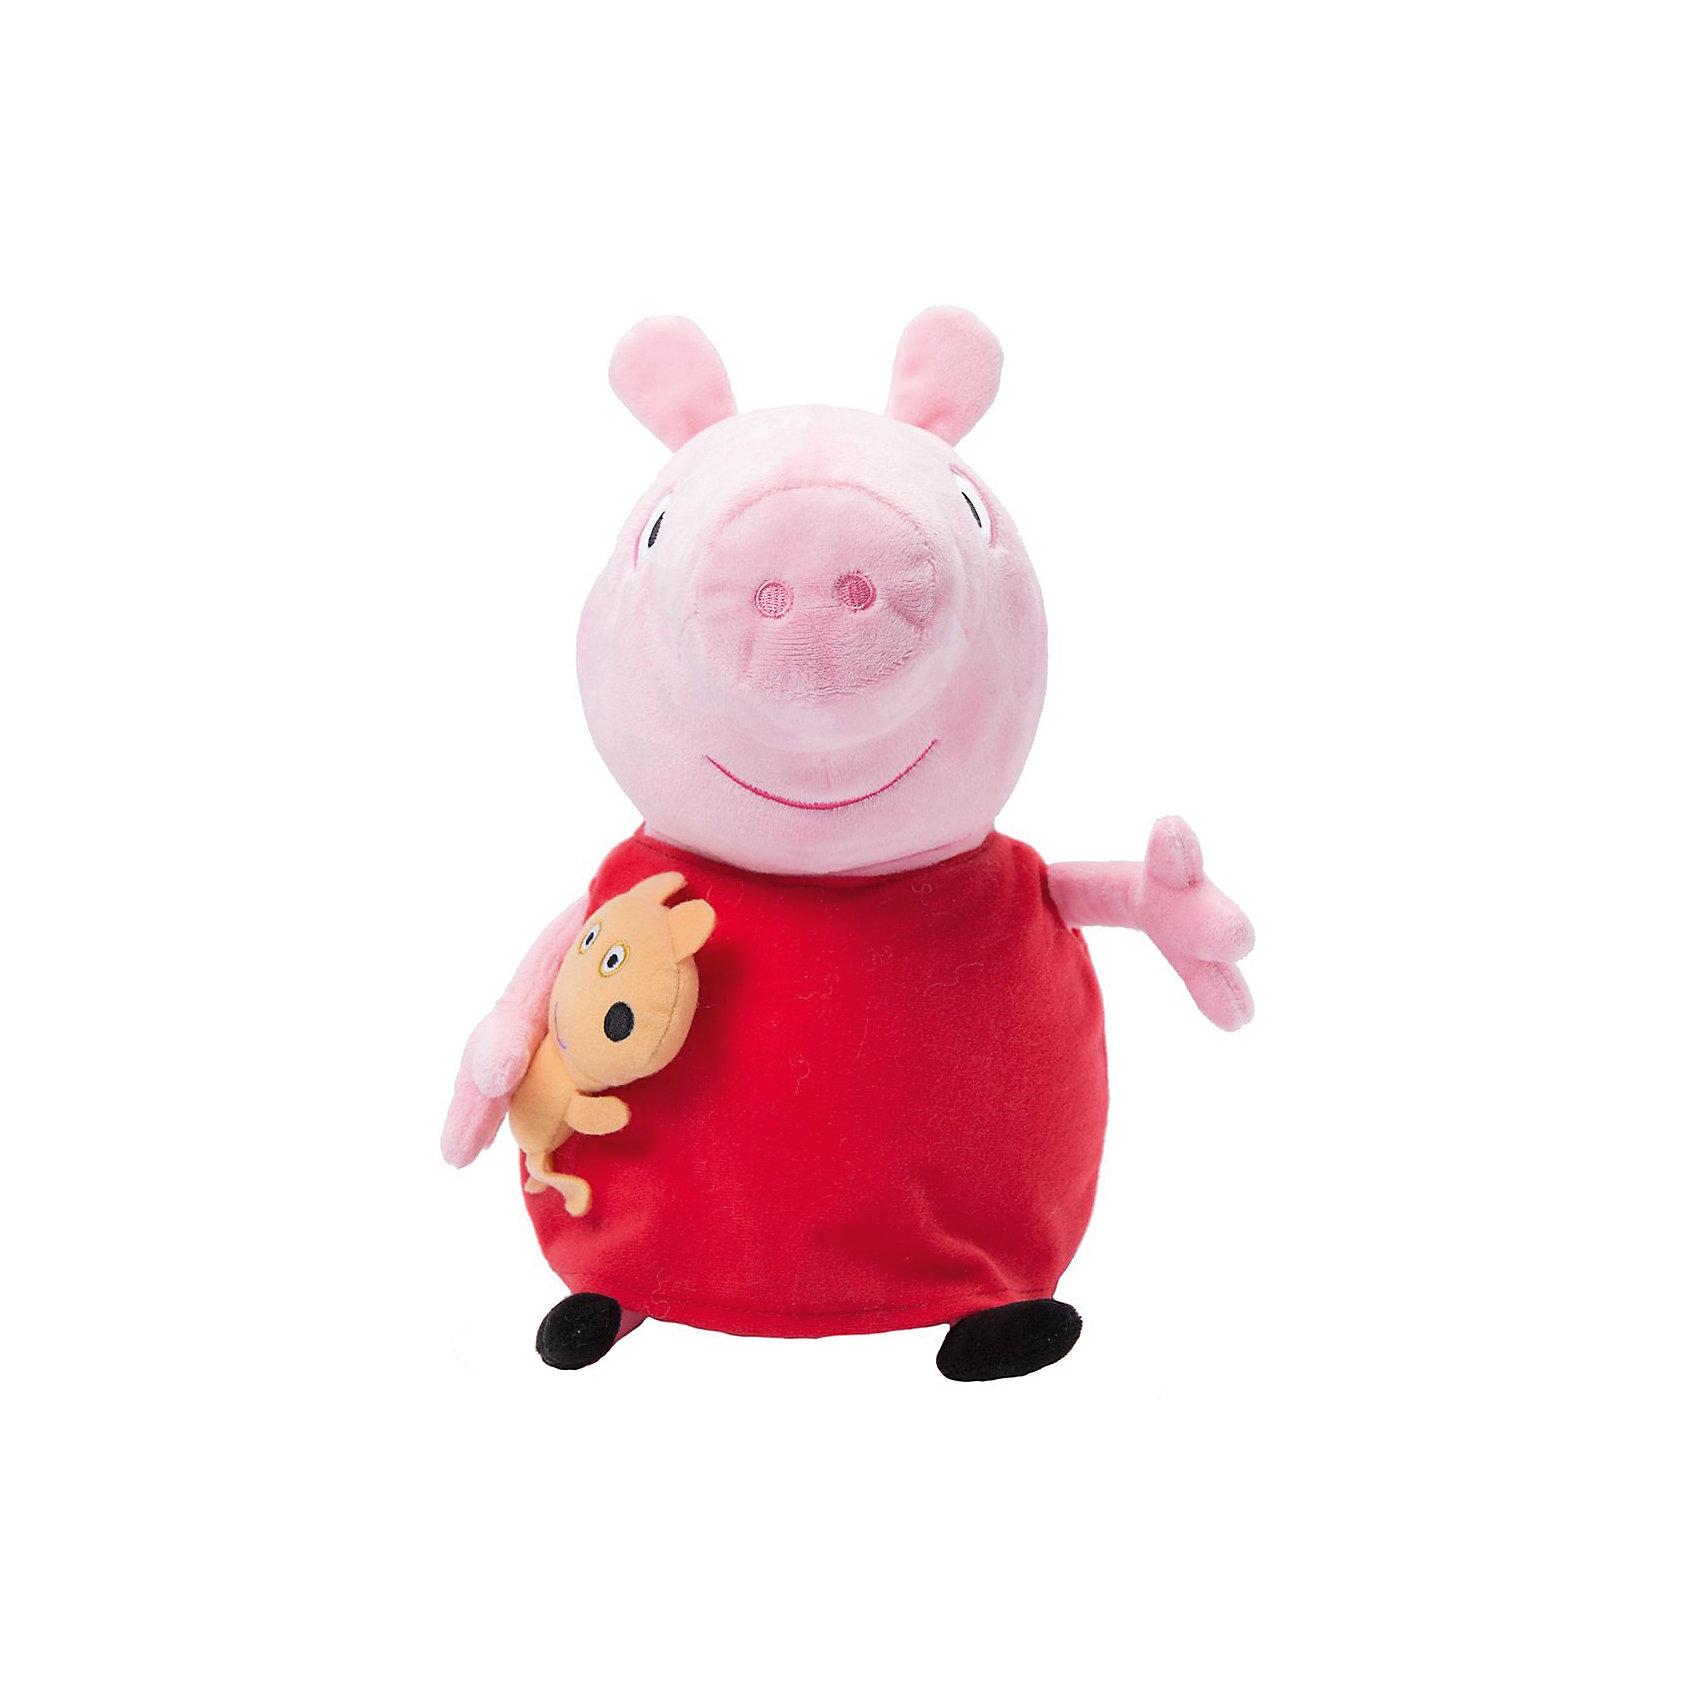 Мягкая игрушка Пеппа с игрушкой, 40 см, Peppa PigМягкая игрушка Пеппа с игрушкой, 40 см, Peppa Pig (Свинка Пеппа). <br><br>Характеристика:<br><br>• Материал: пластик, текстиль, плюш.   <br>• Размер игрушки: 40 см.<br>• Игрушка мягкая, очень приятная на ощупь. <br><br>Очаровательная мягкая Свинка, главная героиня популярного мультсериала Peppa Pig, приведет в восторг любого ребенка! Малышка Пеппа очень мягкая и приятная на ощупь: с ней так весело играть днем и приятно засыпать вечером. <br>Игрушка выполнена из высококачественных гипоаллергенных материалов безопасных даже для малышей. <br><br>Мягкую игрушку Пеппа с игрушкой, 40 см, Peppa Pig (Свинка Пеппа), можно купить в нашем интернет-магазине.<br><br>Ширина мм: 280<br>Глубина мм: 180<br>Высота мм: 140<br>Вес г: 210<br>Возраст от месяцев: 36<br>Возраст до месяцев: 2147483647<br>Пол: Унисекс<br>Возраст: Детский<br>SKU: 5211686